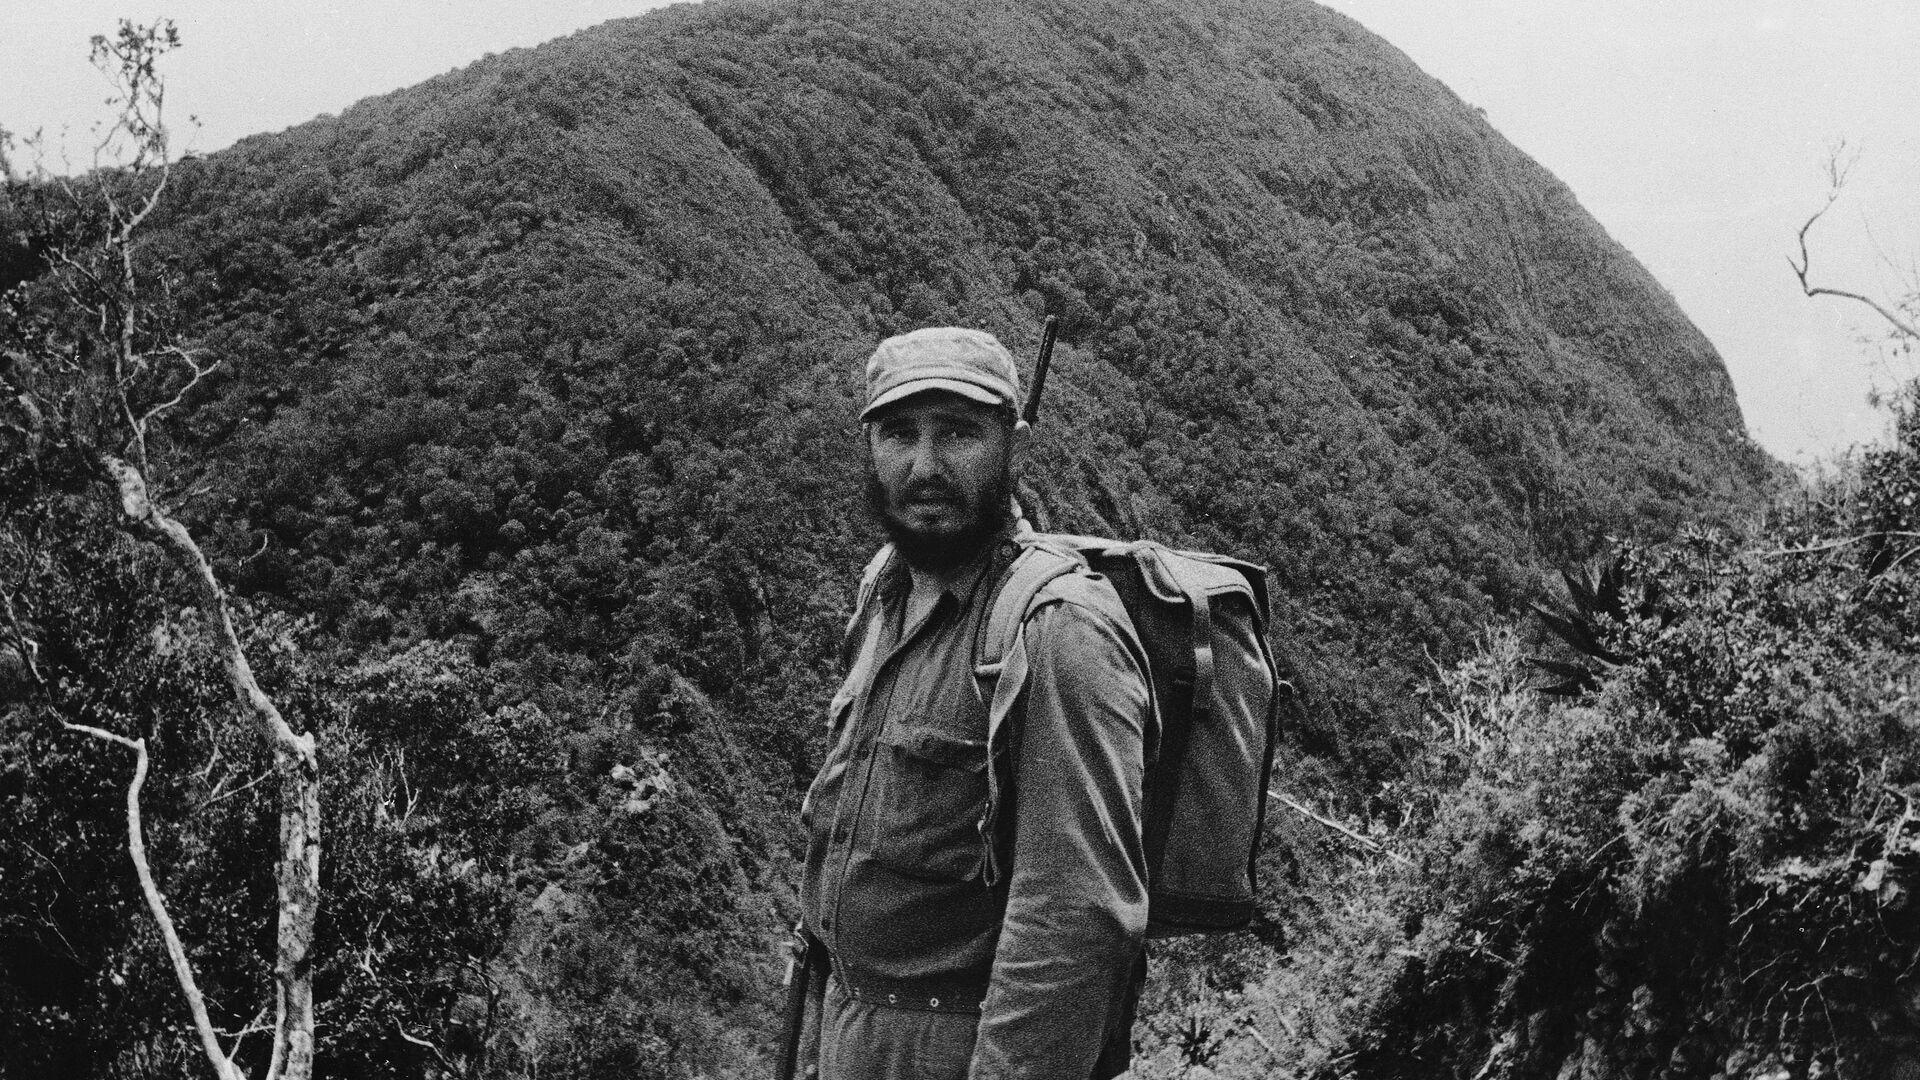 Fidel Castro visita la Sierra Maestra en junio de 1962 - Sputnik Mundo, 1920, 26.07.2021